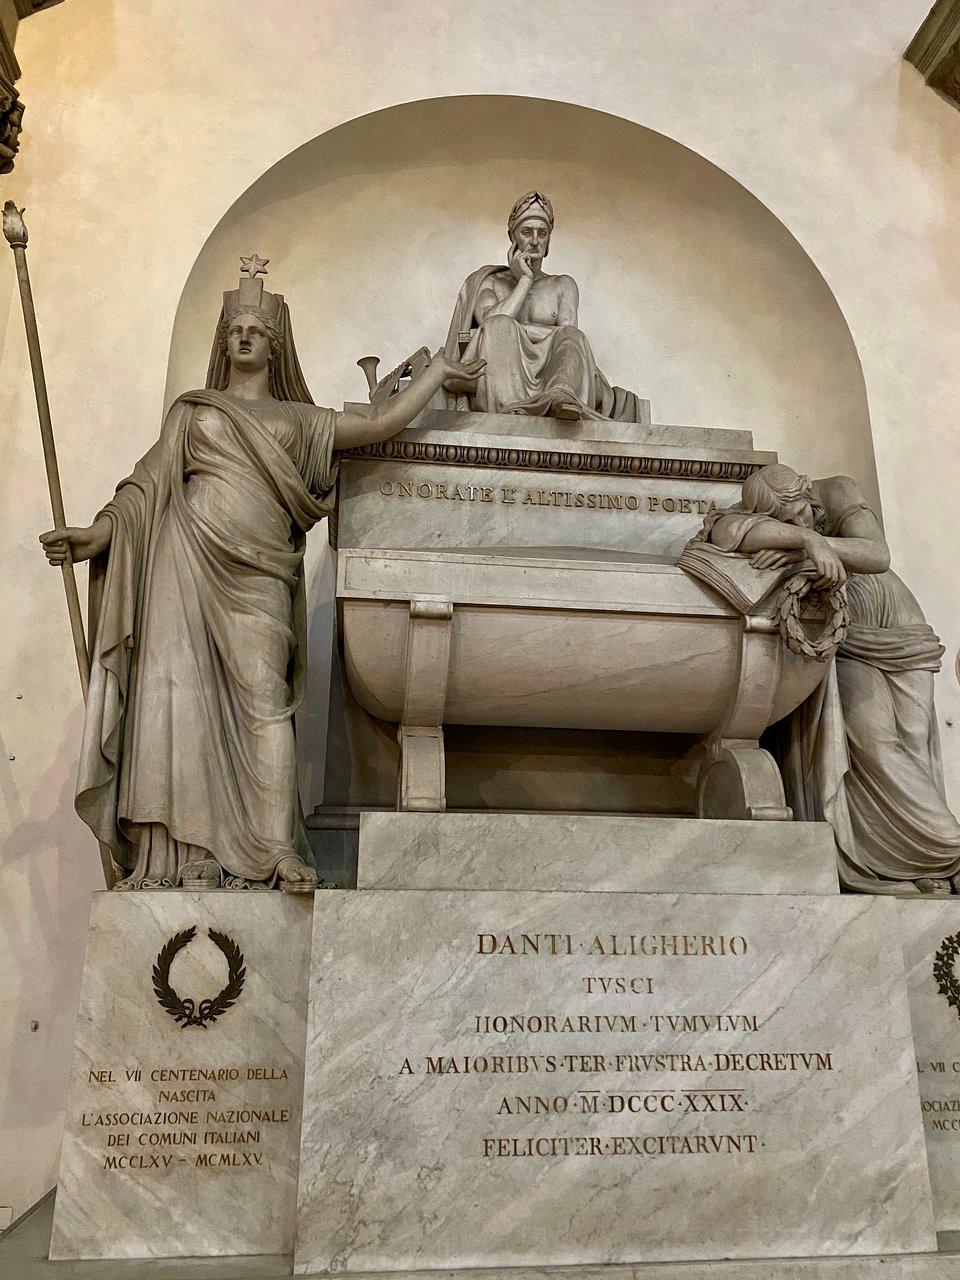 Dante's memorial in Santa Croce